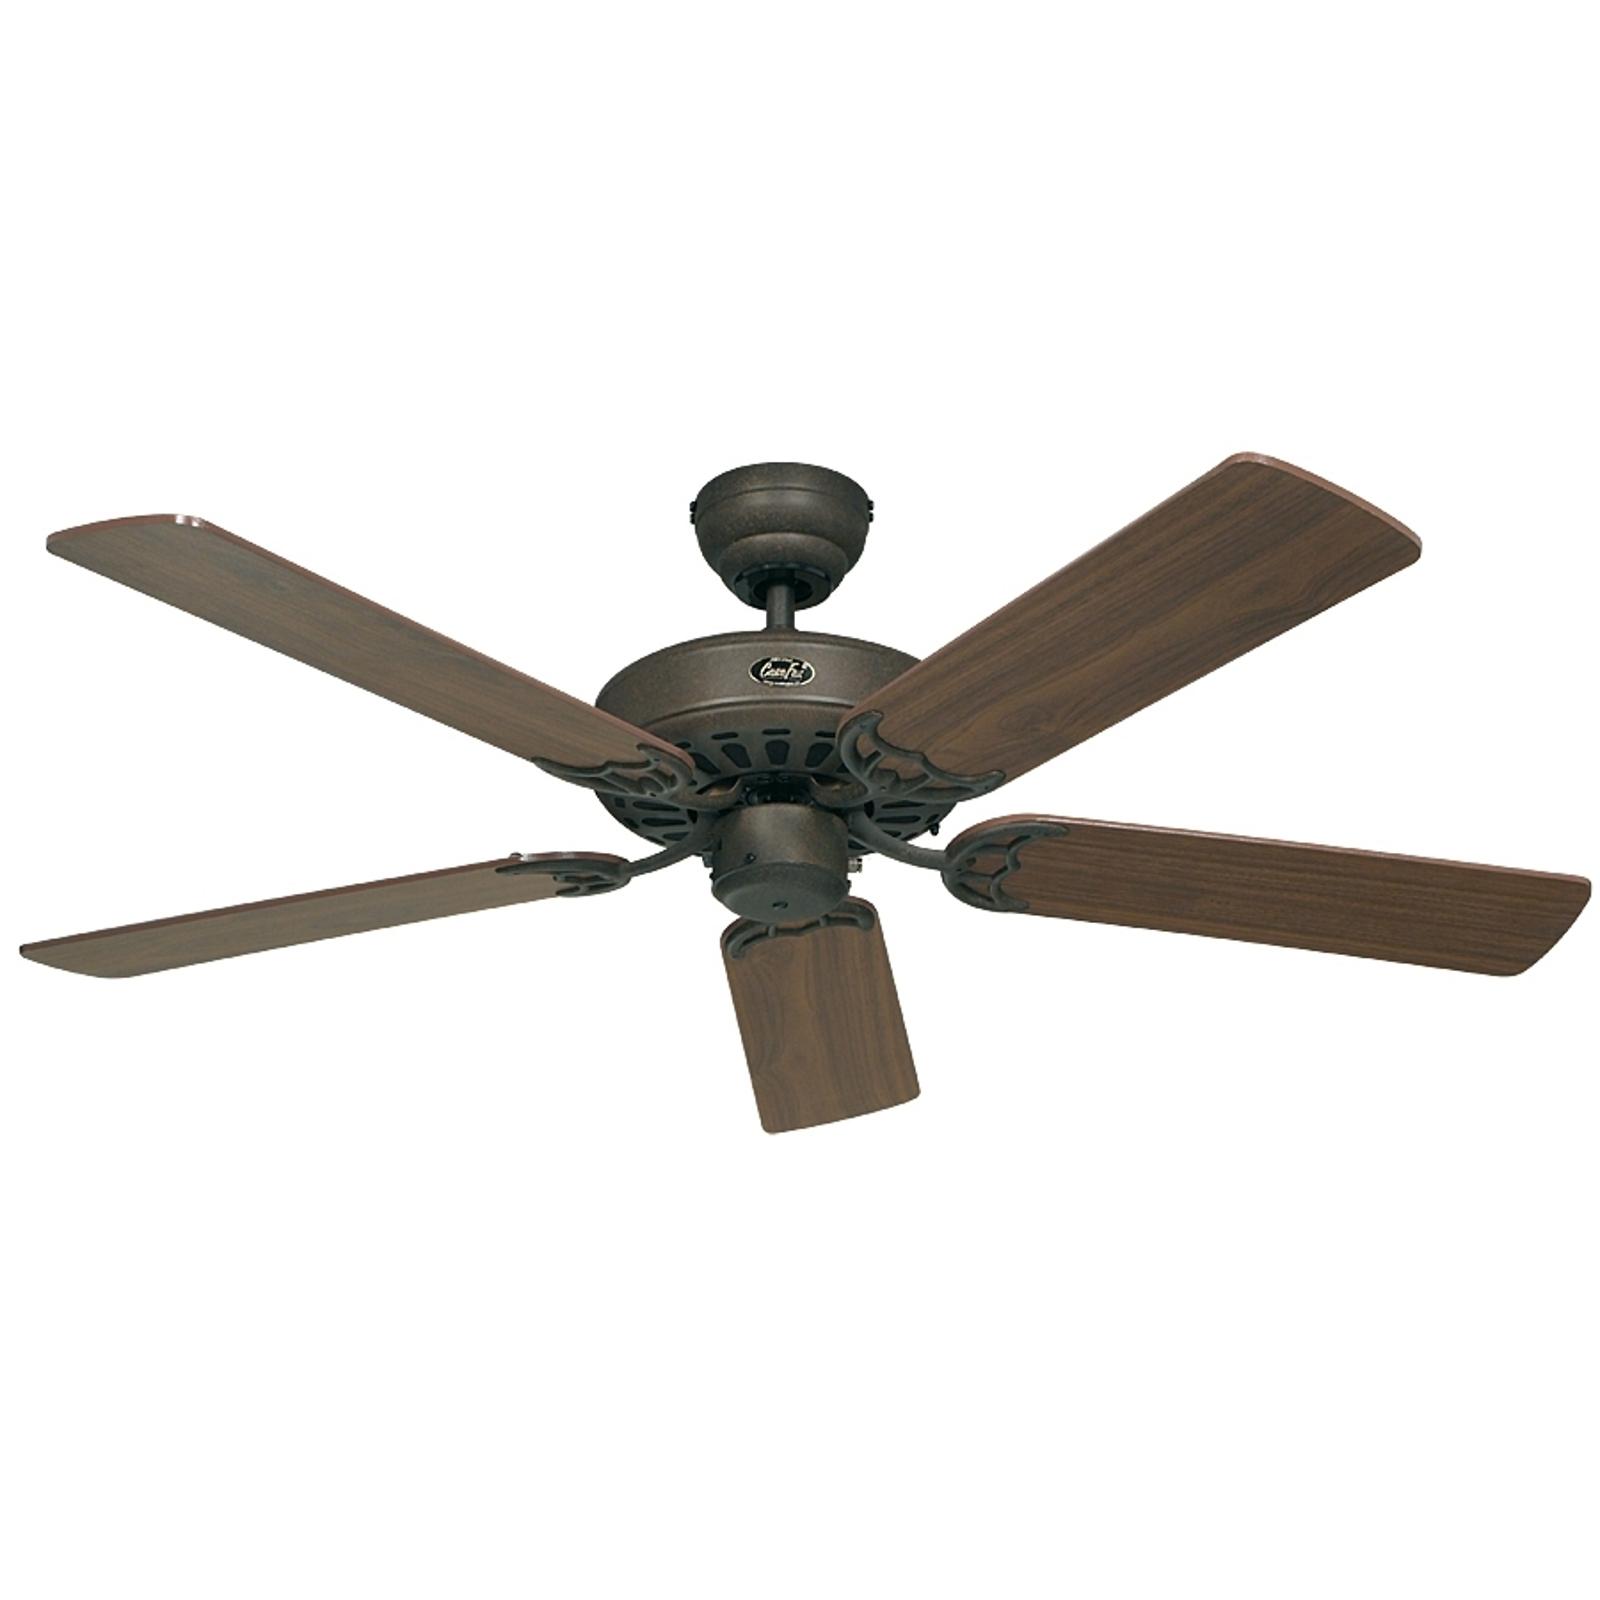 Ventilateur de plafond Classic Royal brun noisette